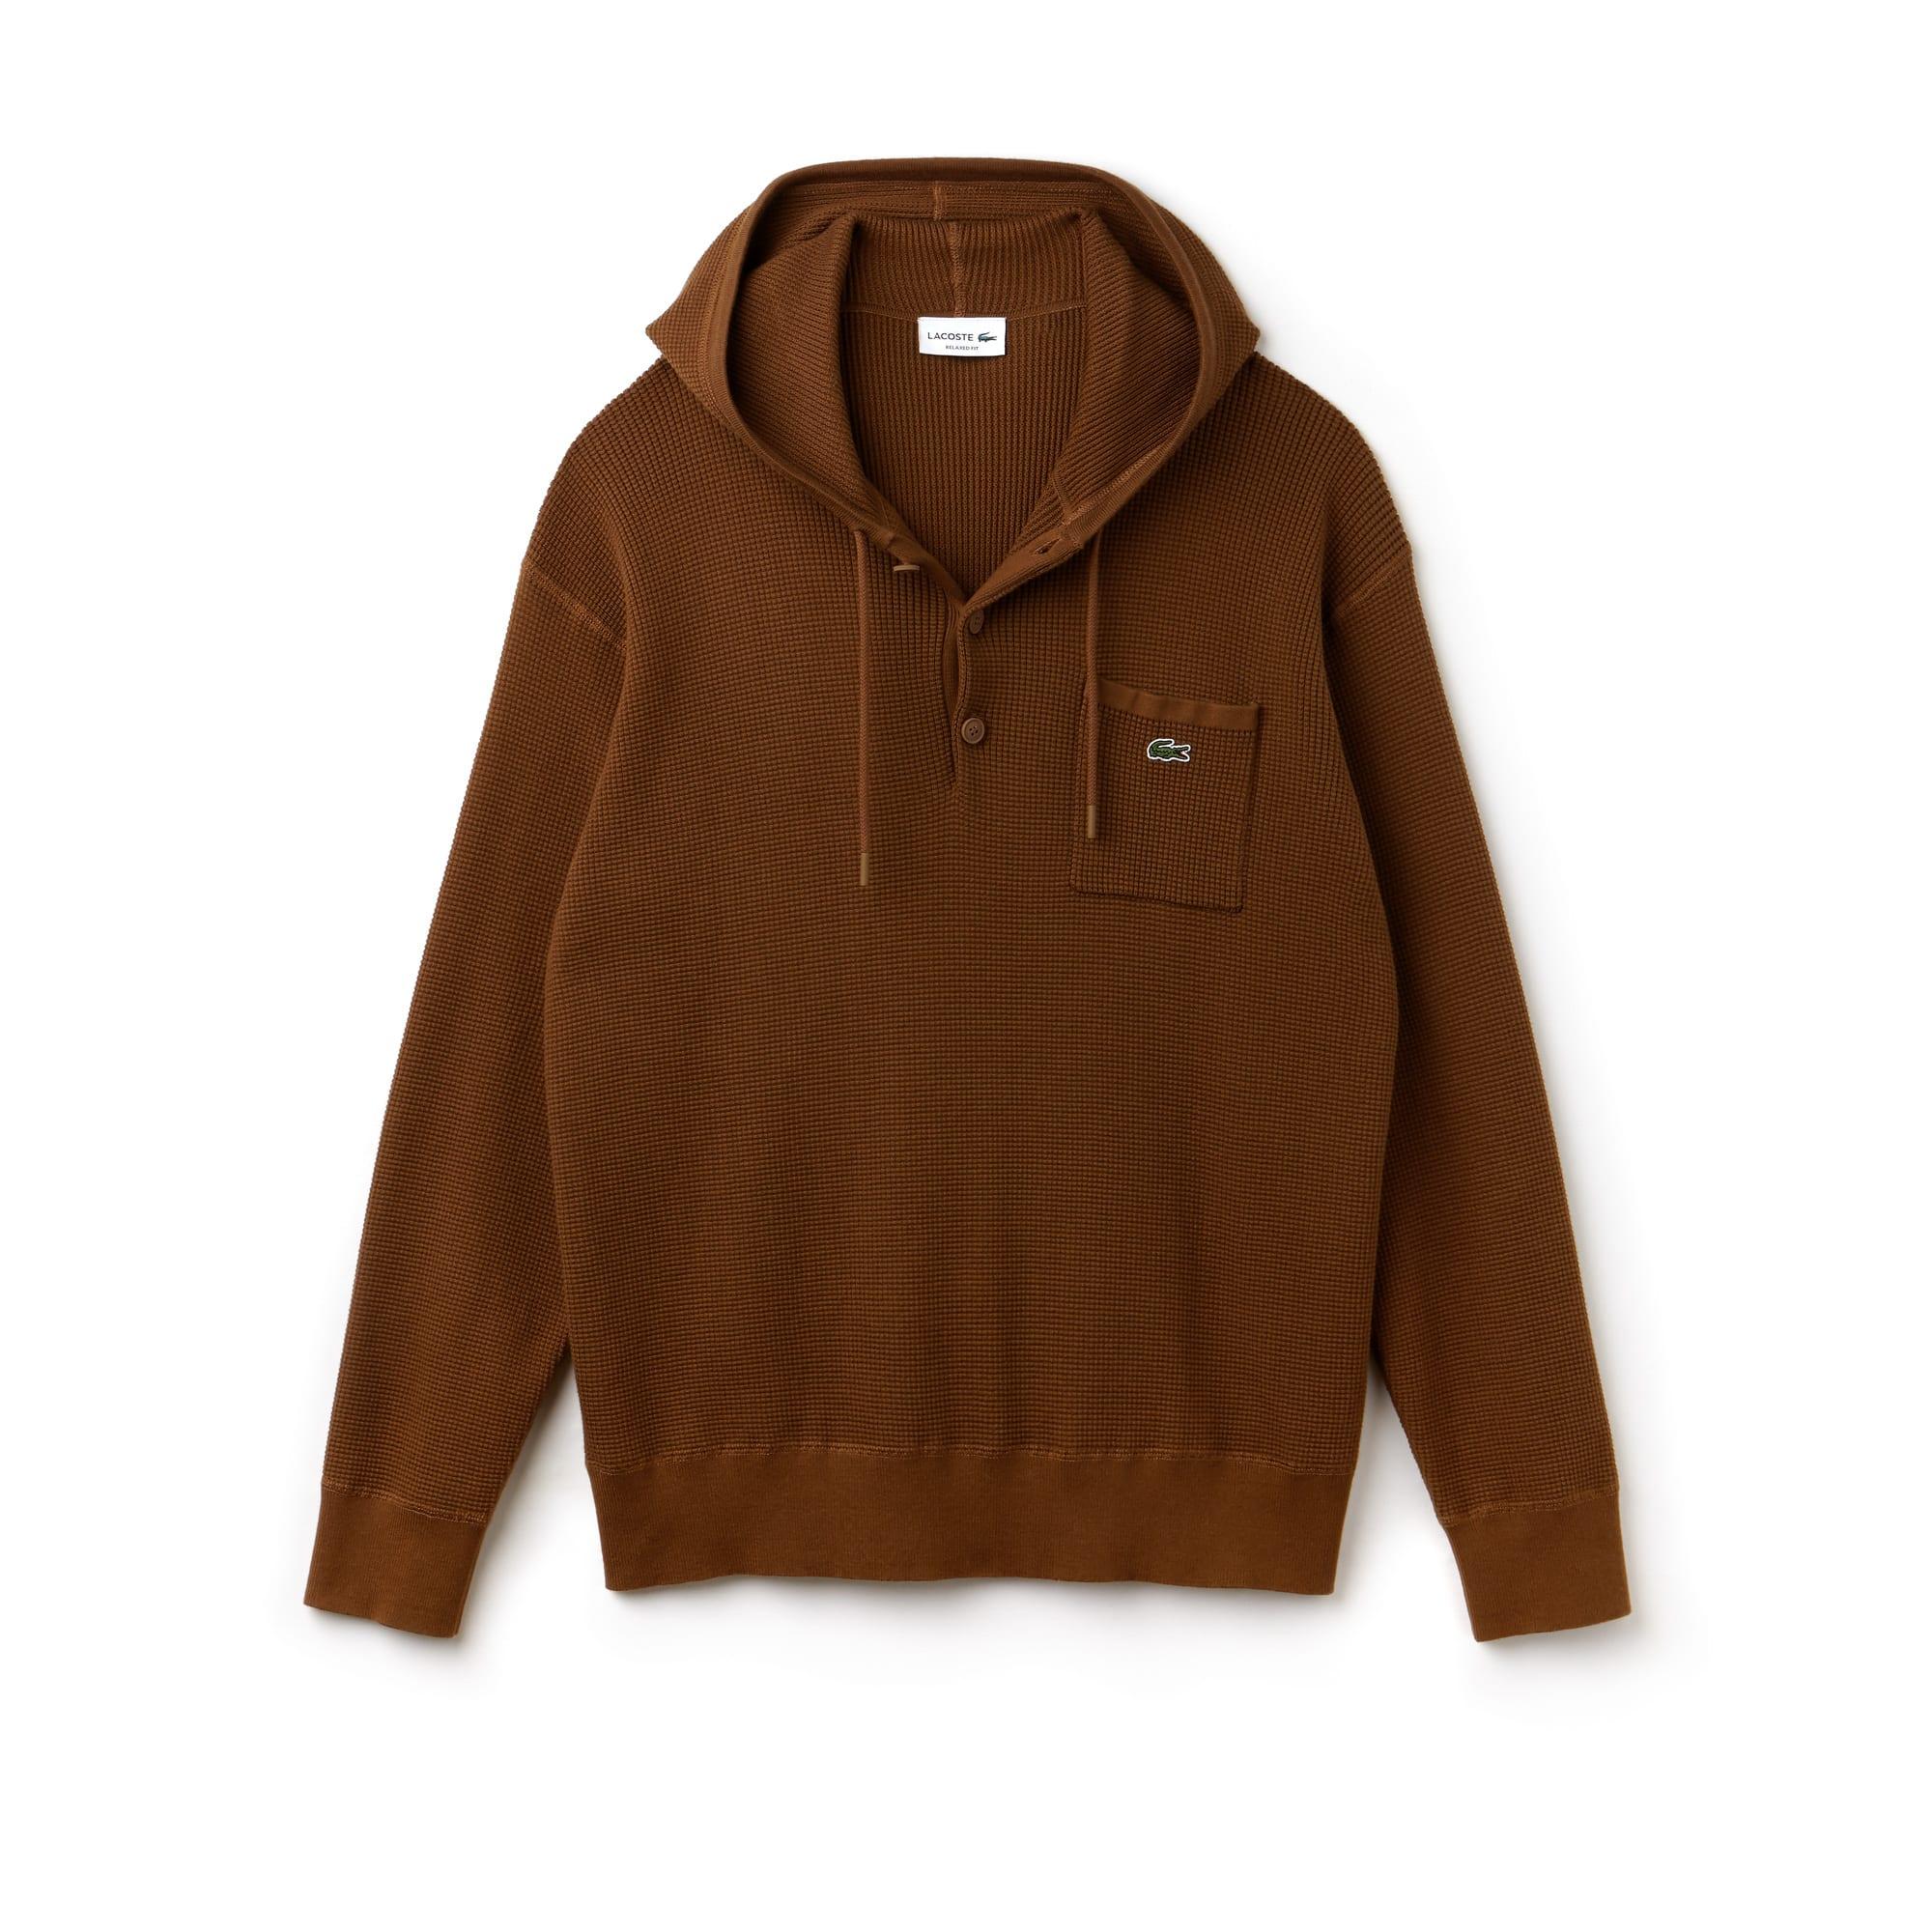 Men's Honeycomb Knit Sweatshirt